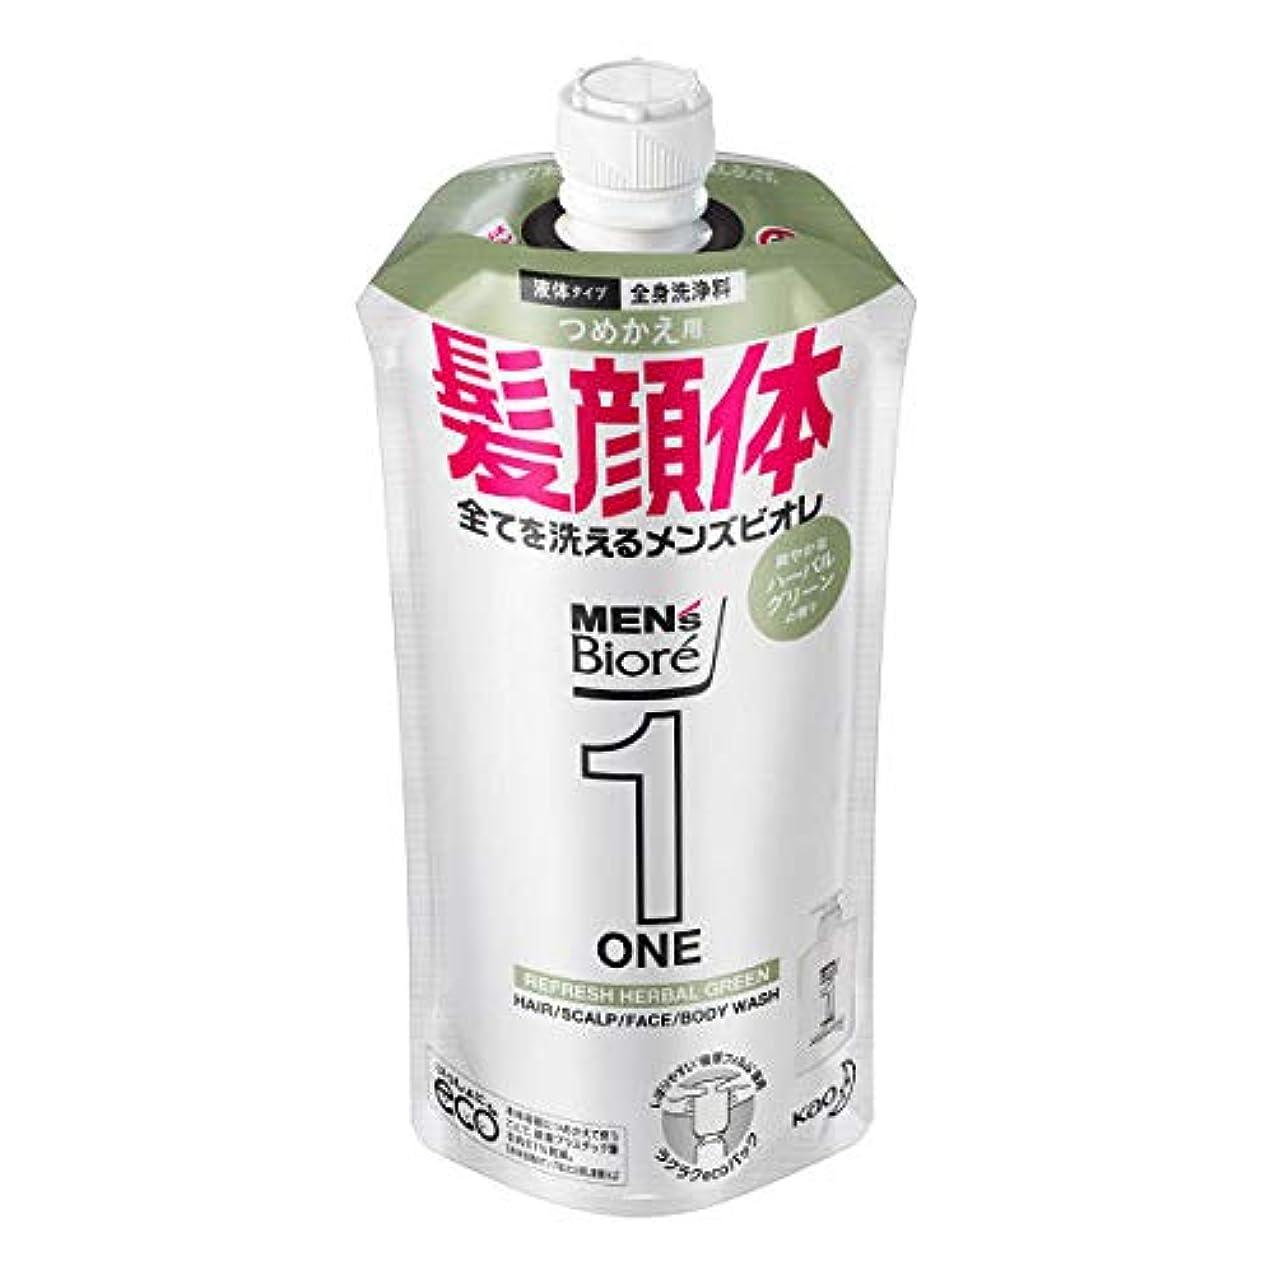 分類する動機付ける不道徳メンズビオレONE オールインワン全身洗浄料 爽やかなハーブルグリーンの香り つめかえ用 340mL